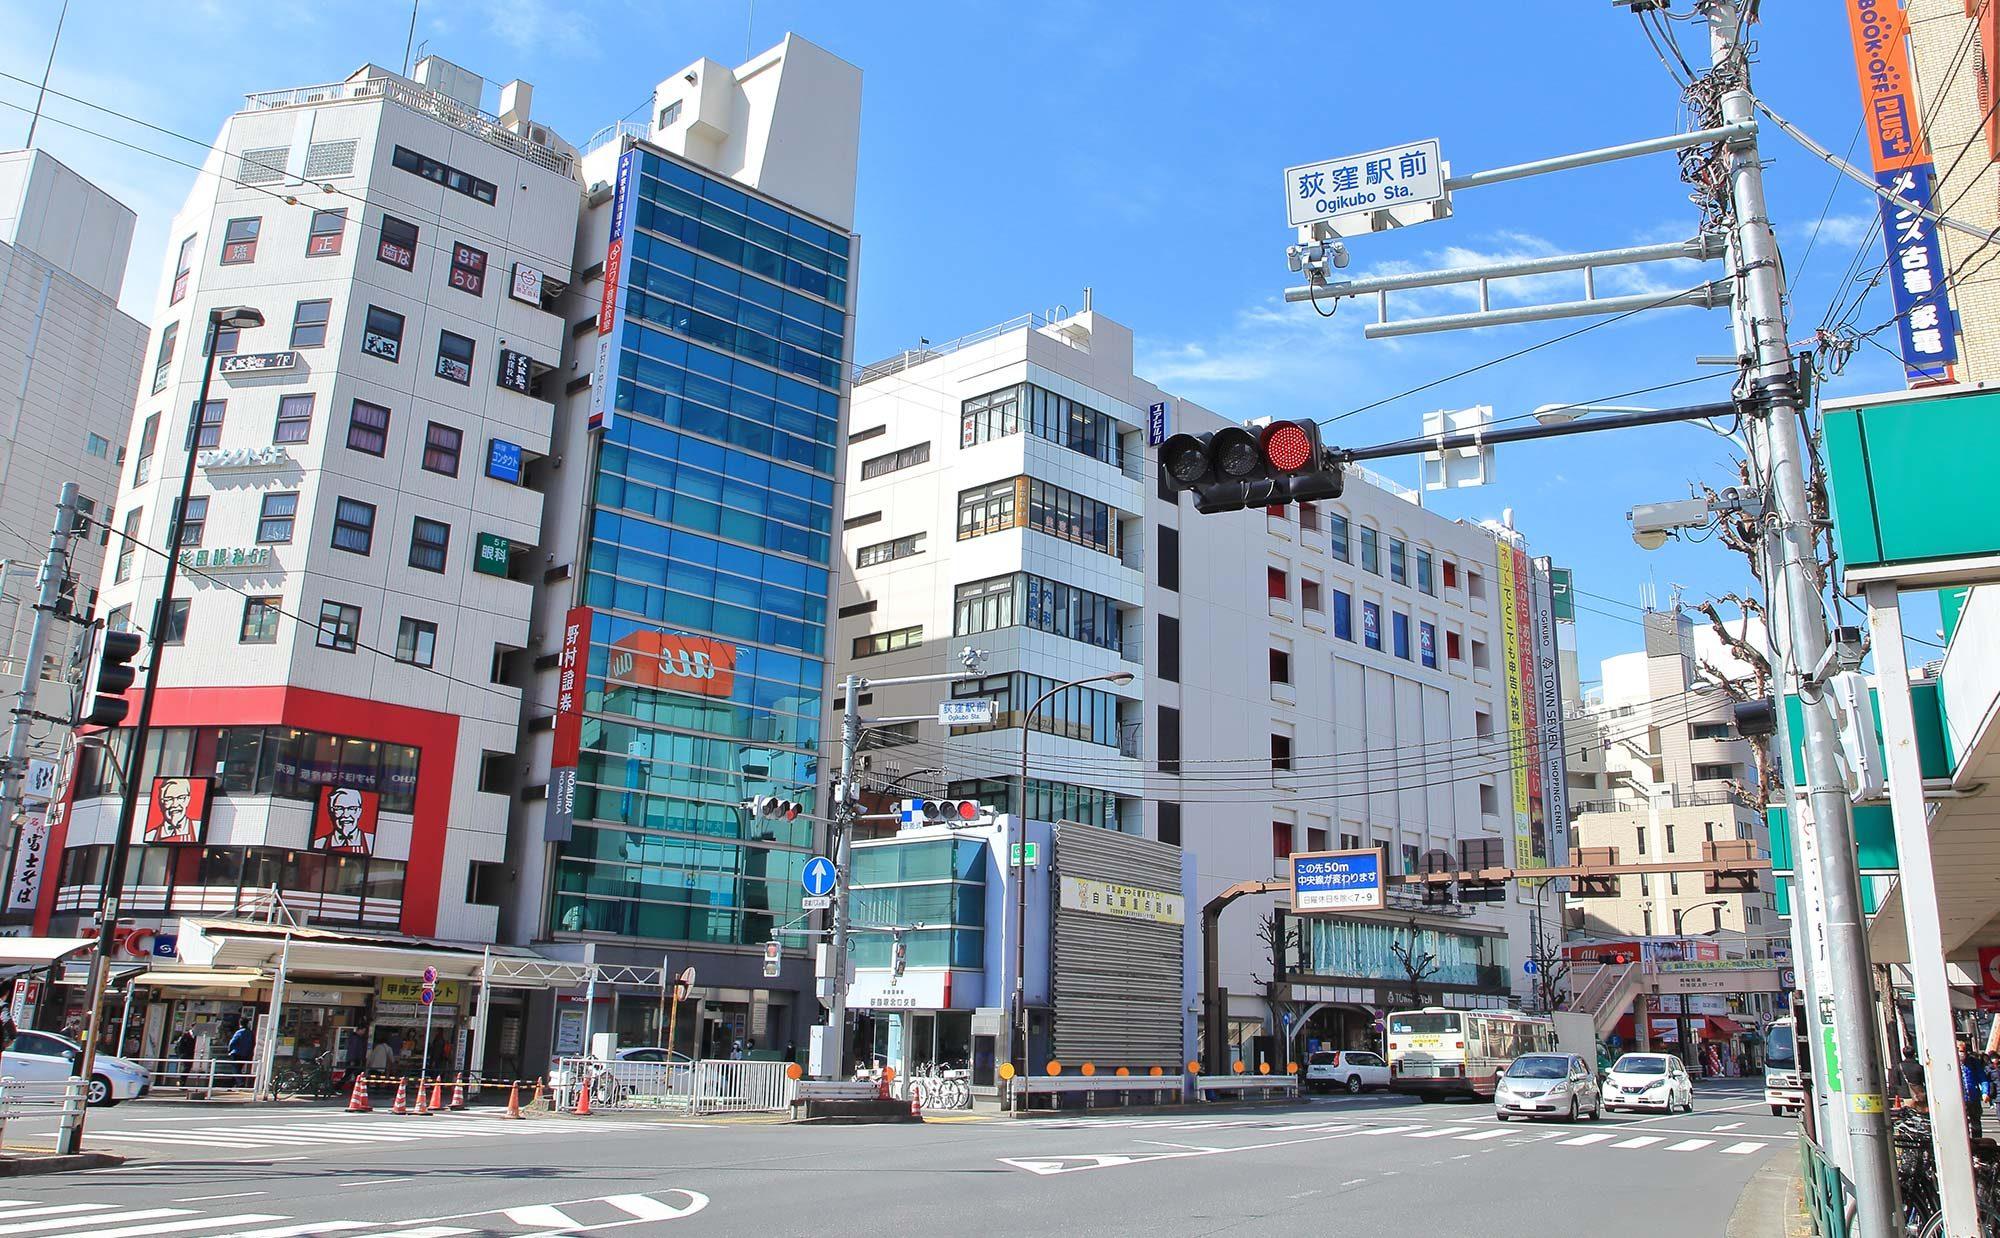 2019年住みたい街ランキング6位!「荻窪」は都心勤めの人に人気の街